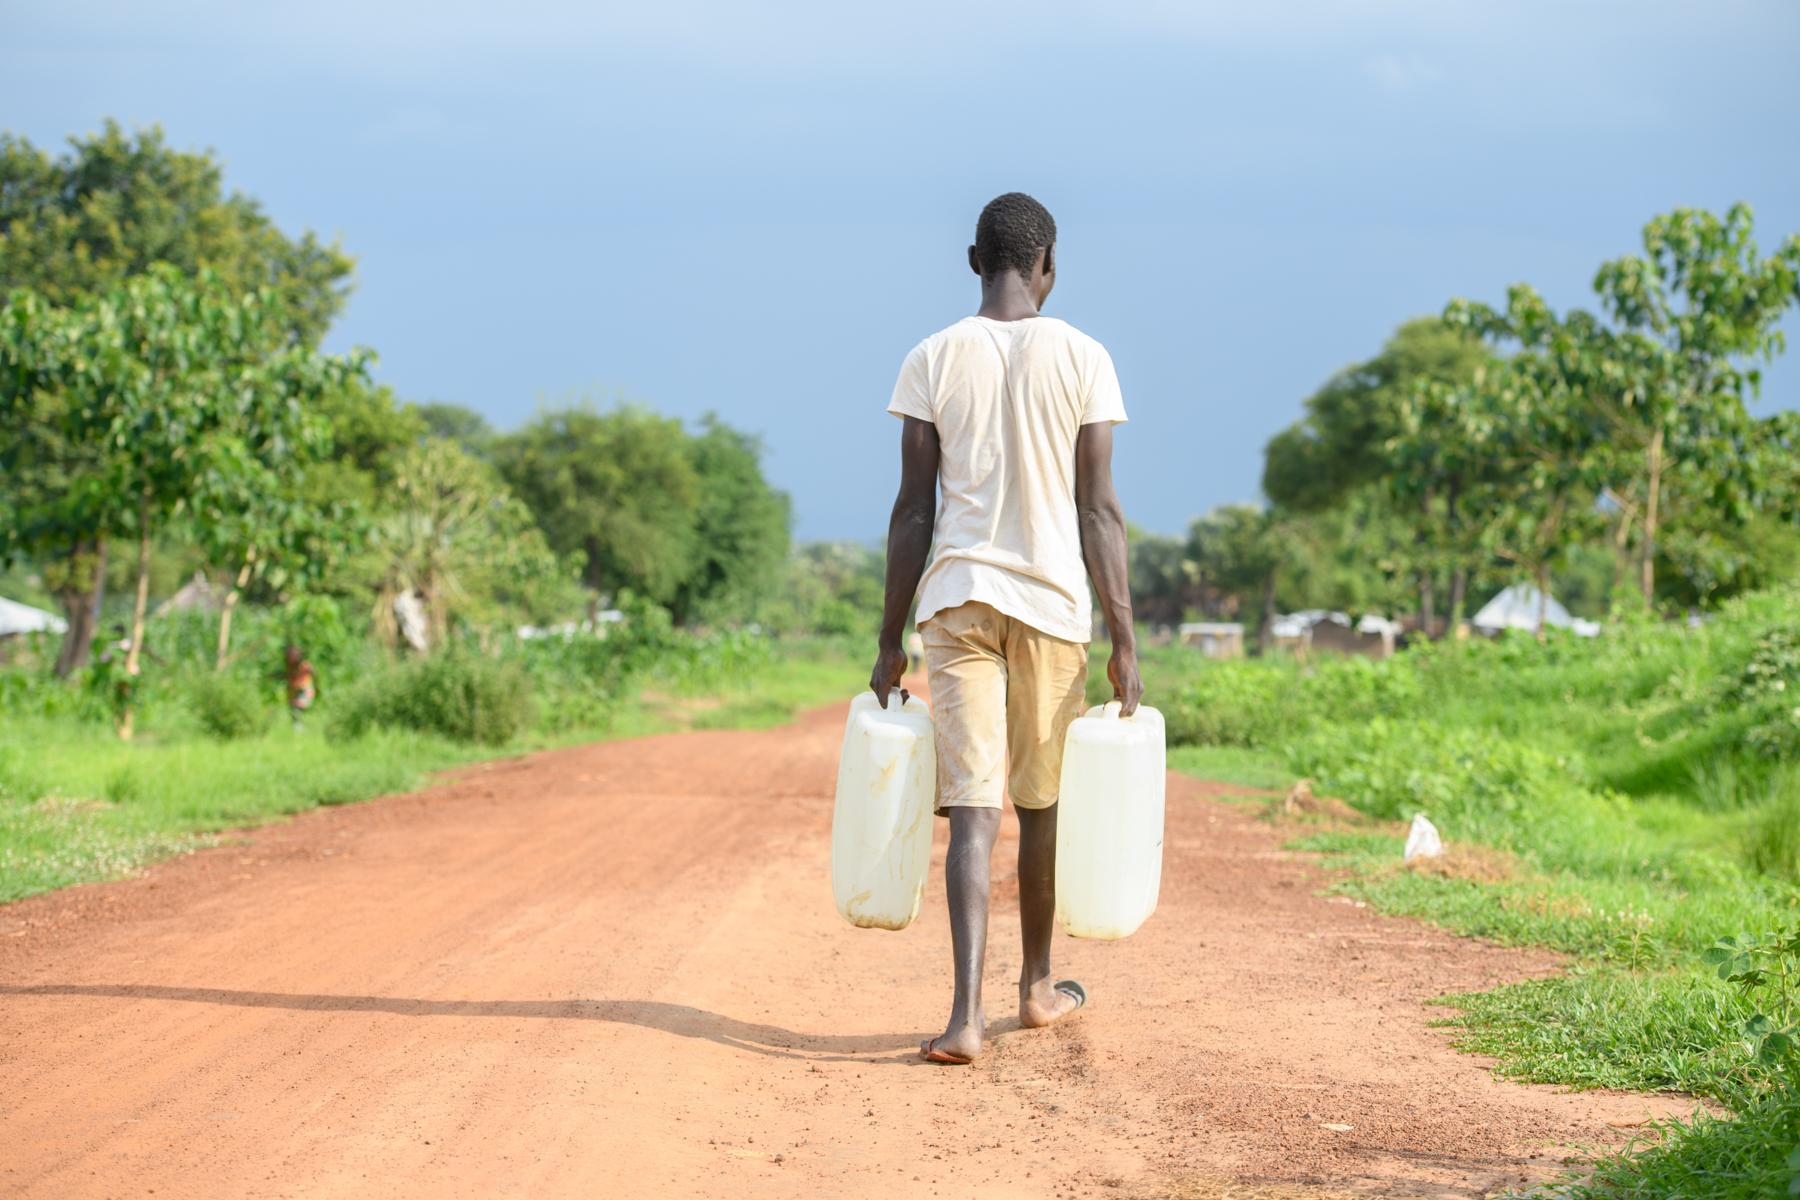 Lomuju geht mit einem Wasserkanister eine Straße entlang.